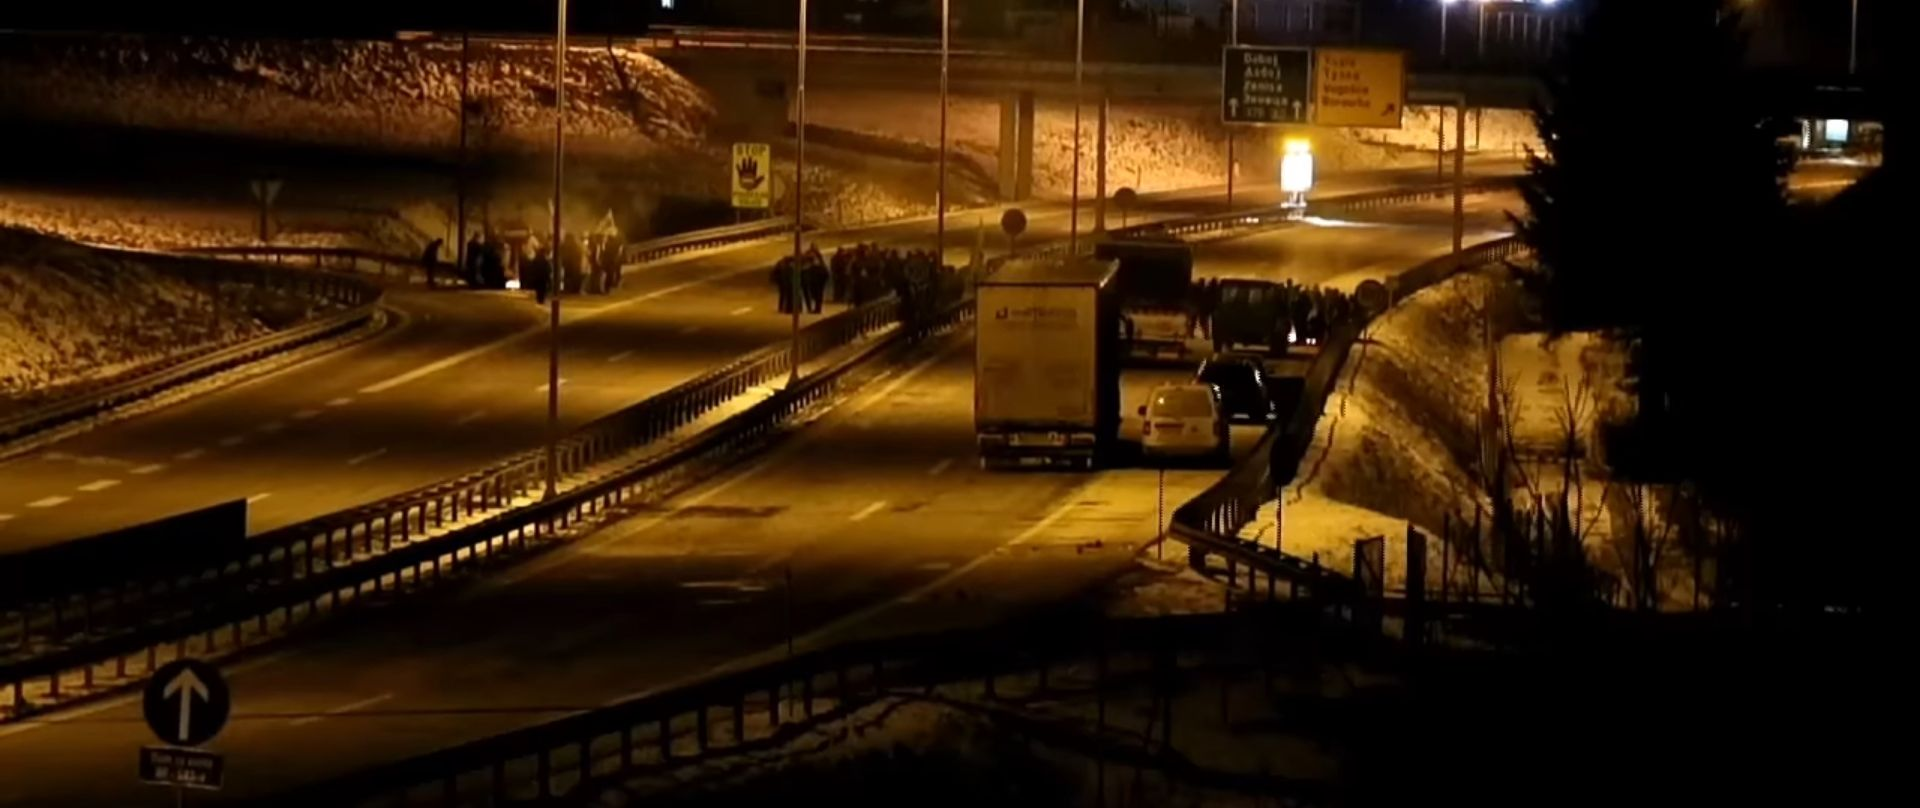 Specijalci odblokirali promet u Sarajevu i Zenici, prosvjednici se povukli